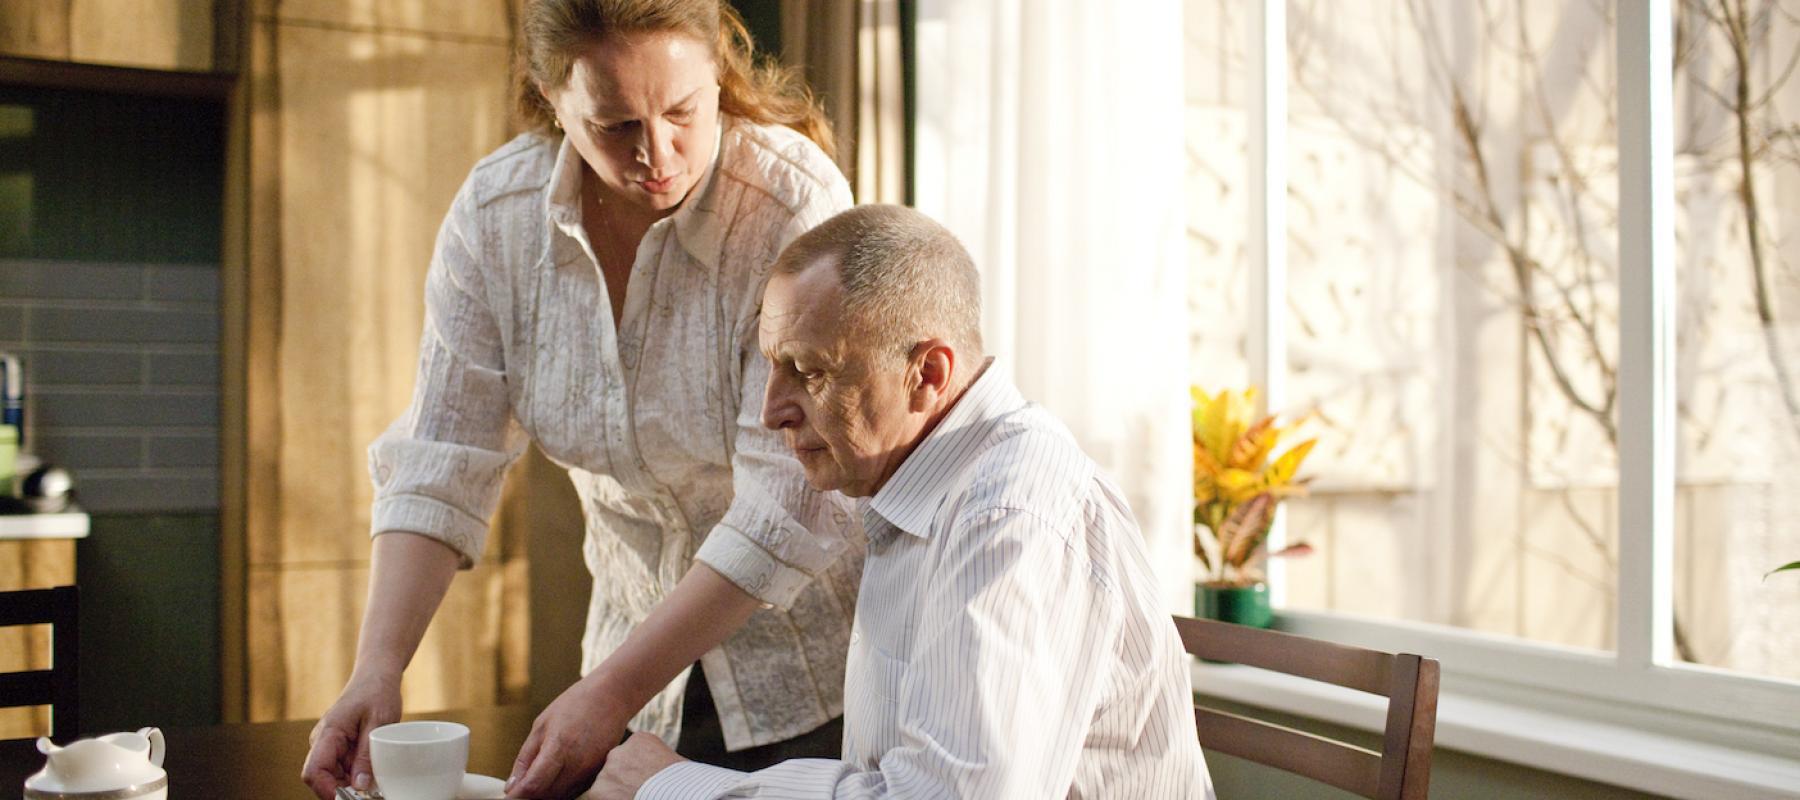 Femme debout et homme assis devant une fenêtre, image du film